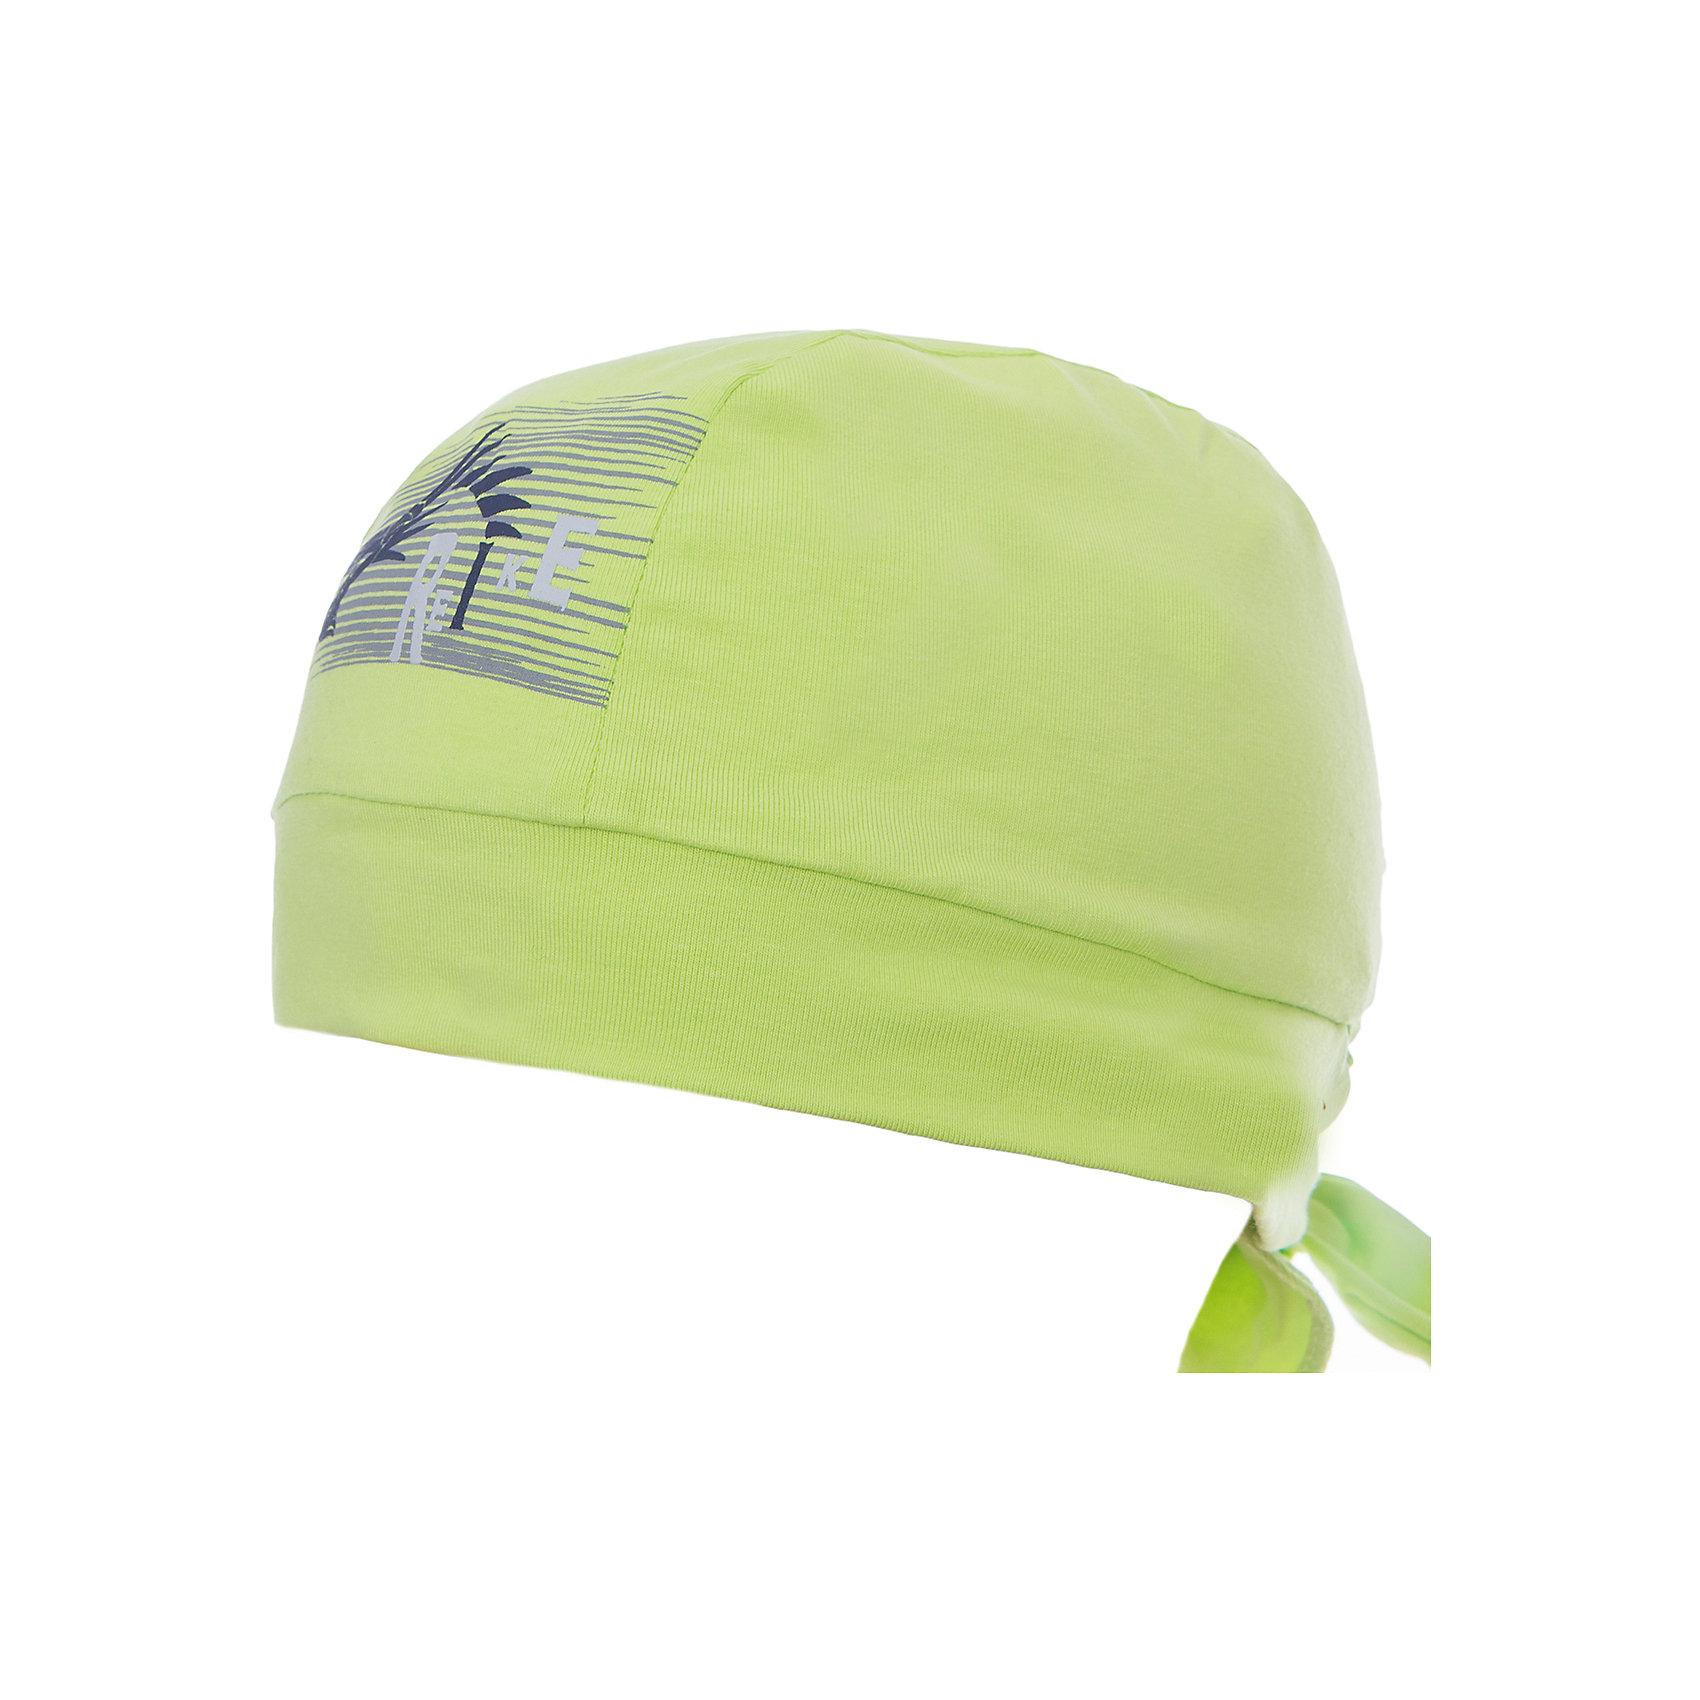 Бандана Reike для мальчикаШапки и шарфы<br>Характеристики товара:<br><br>• цвет: салатовый<br>• состав: 100% хлопок<br>• декорирована принтом <br>• мягкий материал<br>• страна бренда: Финляндия<br><br>Новая коллекция от известного финского производителя Reike отличается ярким дизайном, продуманностью и комфортом! Эта модель разработана специально для детей - она учитывает особенности их физиологии, а также новые тенденции в европейской моде. Она отлично сочетается с обувью разных цветов и фасонов. Стильная и удобная вещь!<br><br>Бандану для мальчика от популярного бренда Reike можно купить в нашем интернет-магазине.<br><br>Ширина мм: 89<br>Глубина мм: 117<br>Высота мм: 44<br>Вес г: 155<br>Цвет: зеленый<br>Возраст от месяцев: 72<br>Возраст до месяцев: 84<br>Пол: Мужской<br>Возраст: Детский<br>Размер: 54,50,52<br>SKU: 5430184